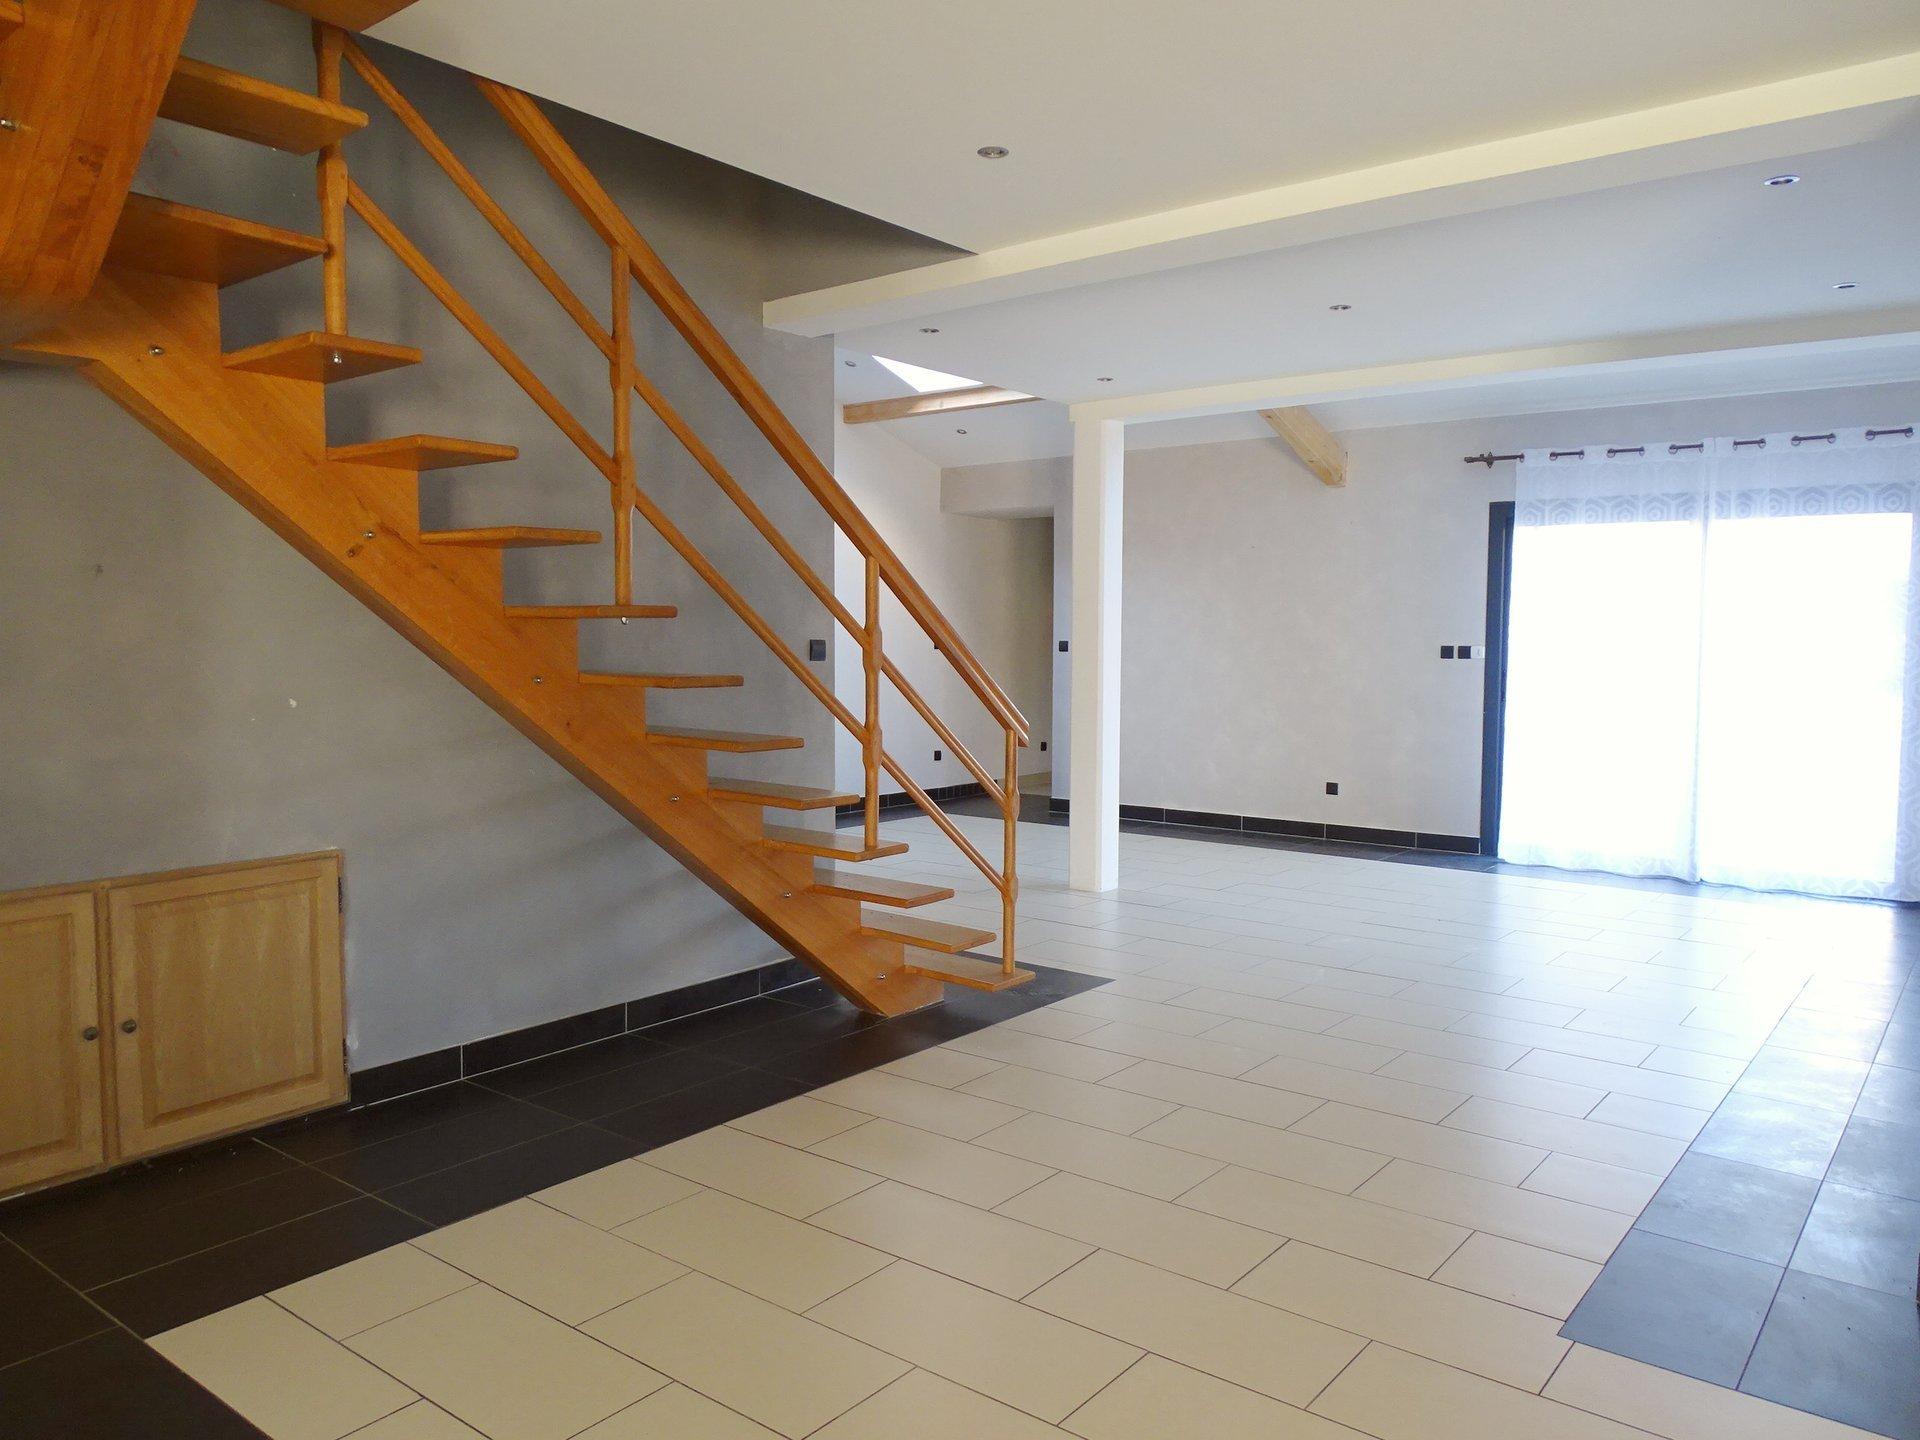 A 15 mn de Mâcon, dans un village avec toutes les commodités, maison disposant de superbes volumes ! Construite en 2009, elle est en excellent état et ne nécessite que du rafraichissement afin de la mettre à votre goût ! En rez de chaussée, elle dispose d'une entrée desservant la buanderie et une magnifique pièce à vivre de 95 m² baignée de lumière grâce à ses velux et baies vitrées. A l'étage, quatre chambres de 15 à 25 m² ainsi qu'une grande salle de bains.  La maison s'ouvre sur un garage ainsi que deux cours, une à l'est et une à l'ouest avec une belle vue sur les monts du mâconnais.  Produit rare de par ses volumes et prestations ! Honoraires à charge vendeurs;